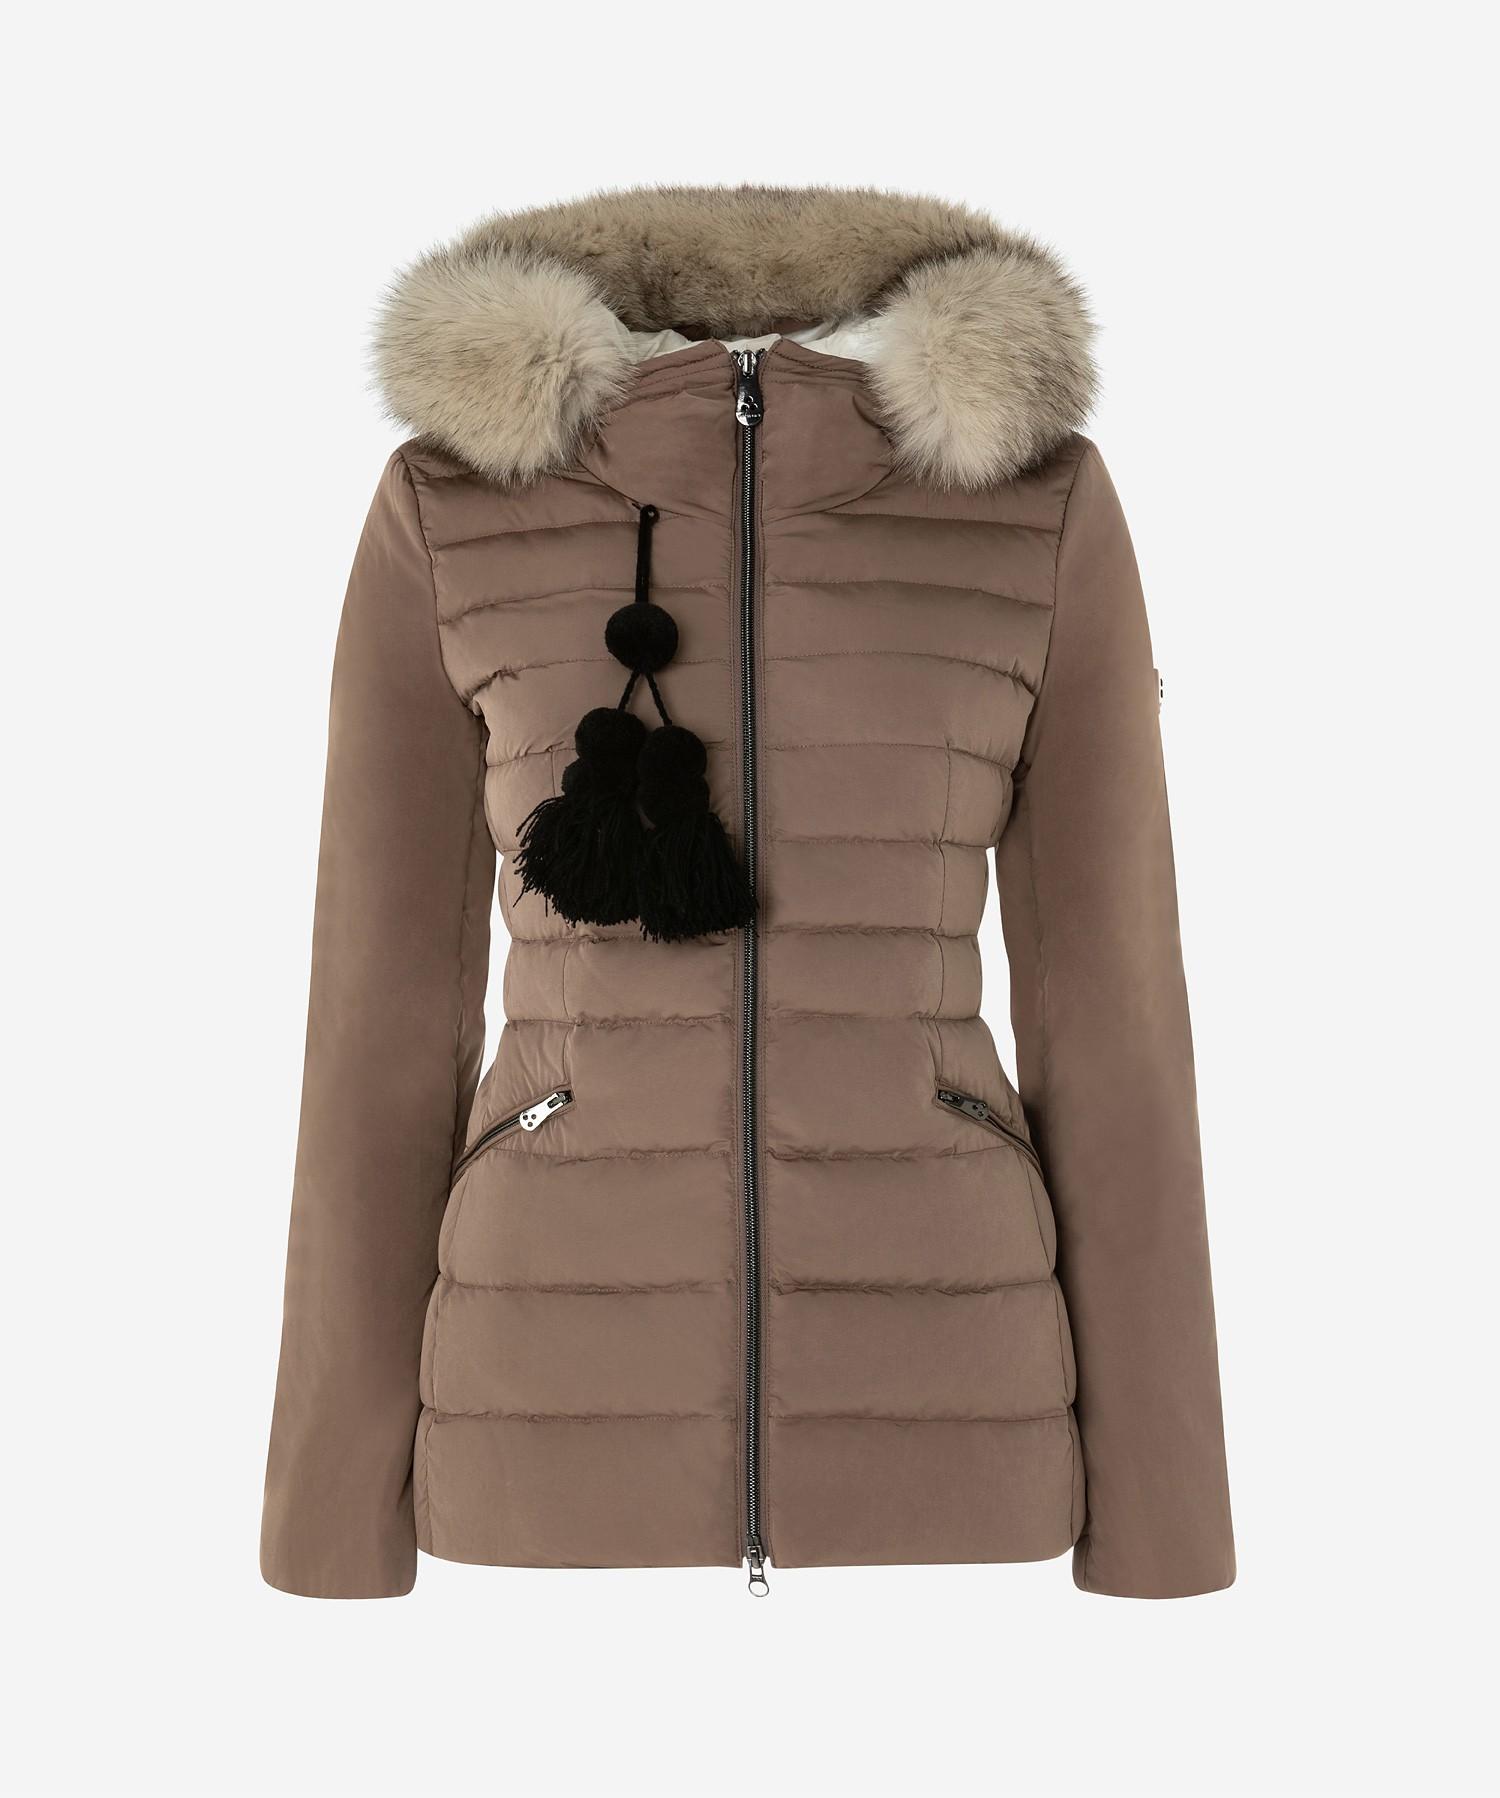 Afbeelding van Peuterey Peuterey m420 sport jacket turmalet 02 fur brons